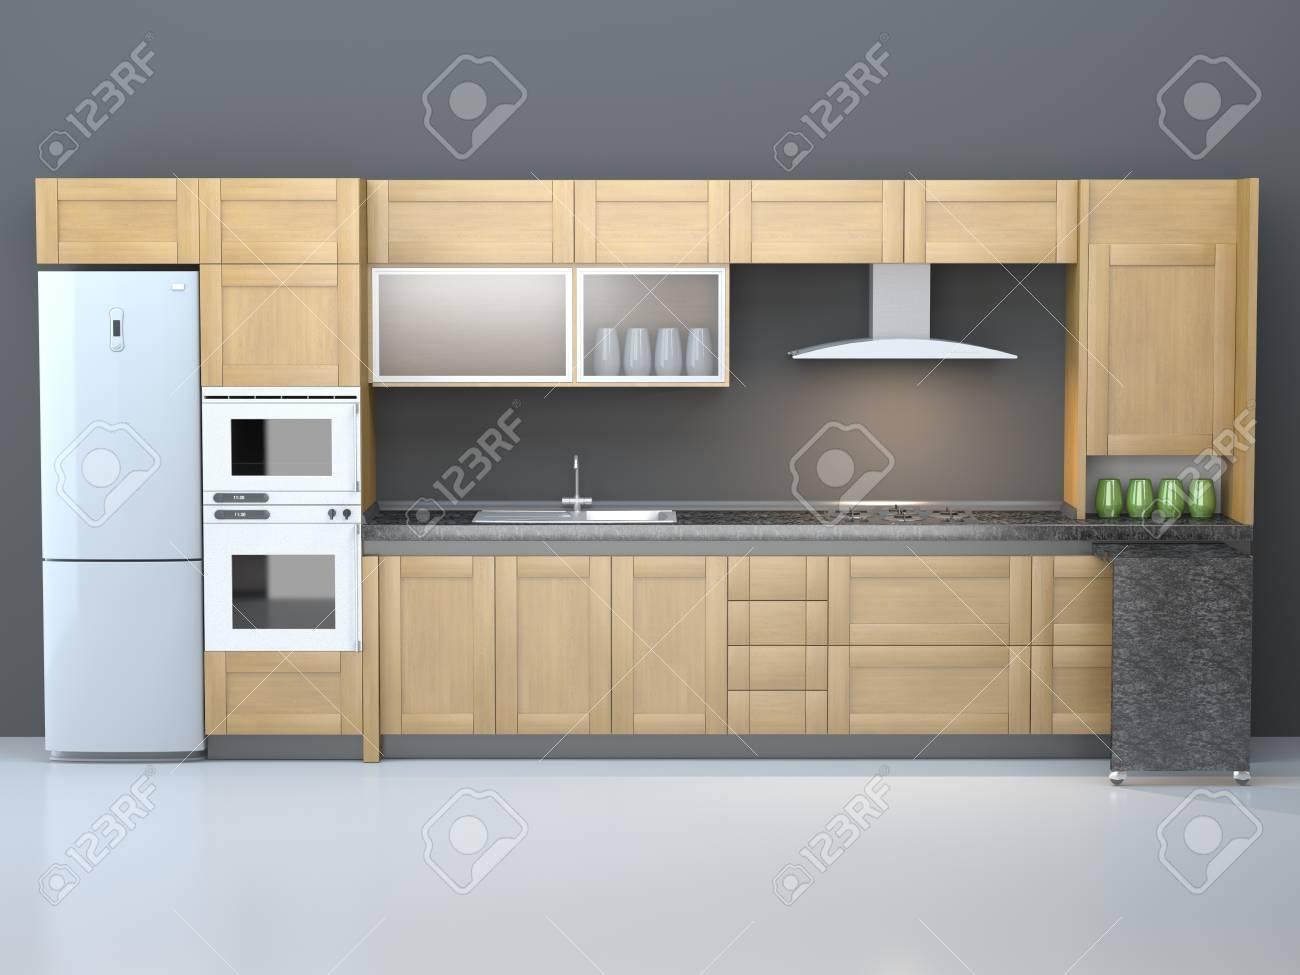 Muebles de cocina integral dentro de una habitación pura.